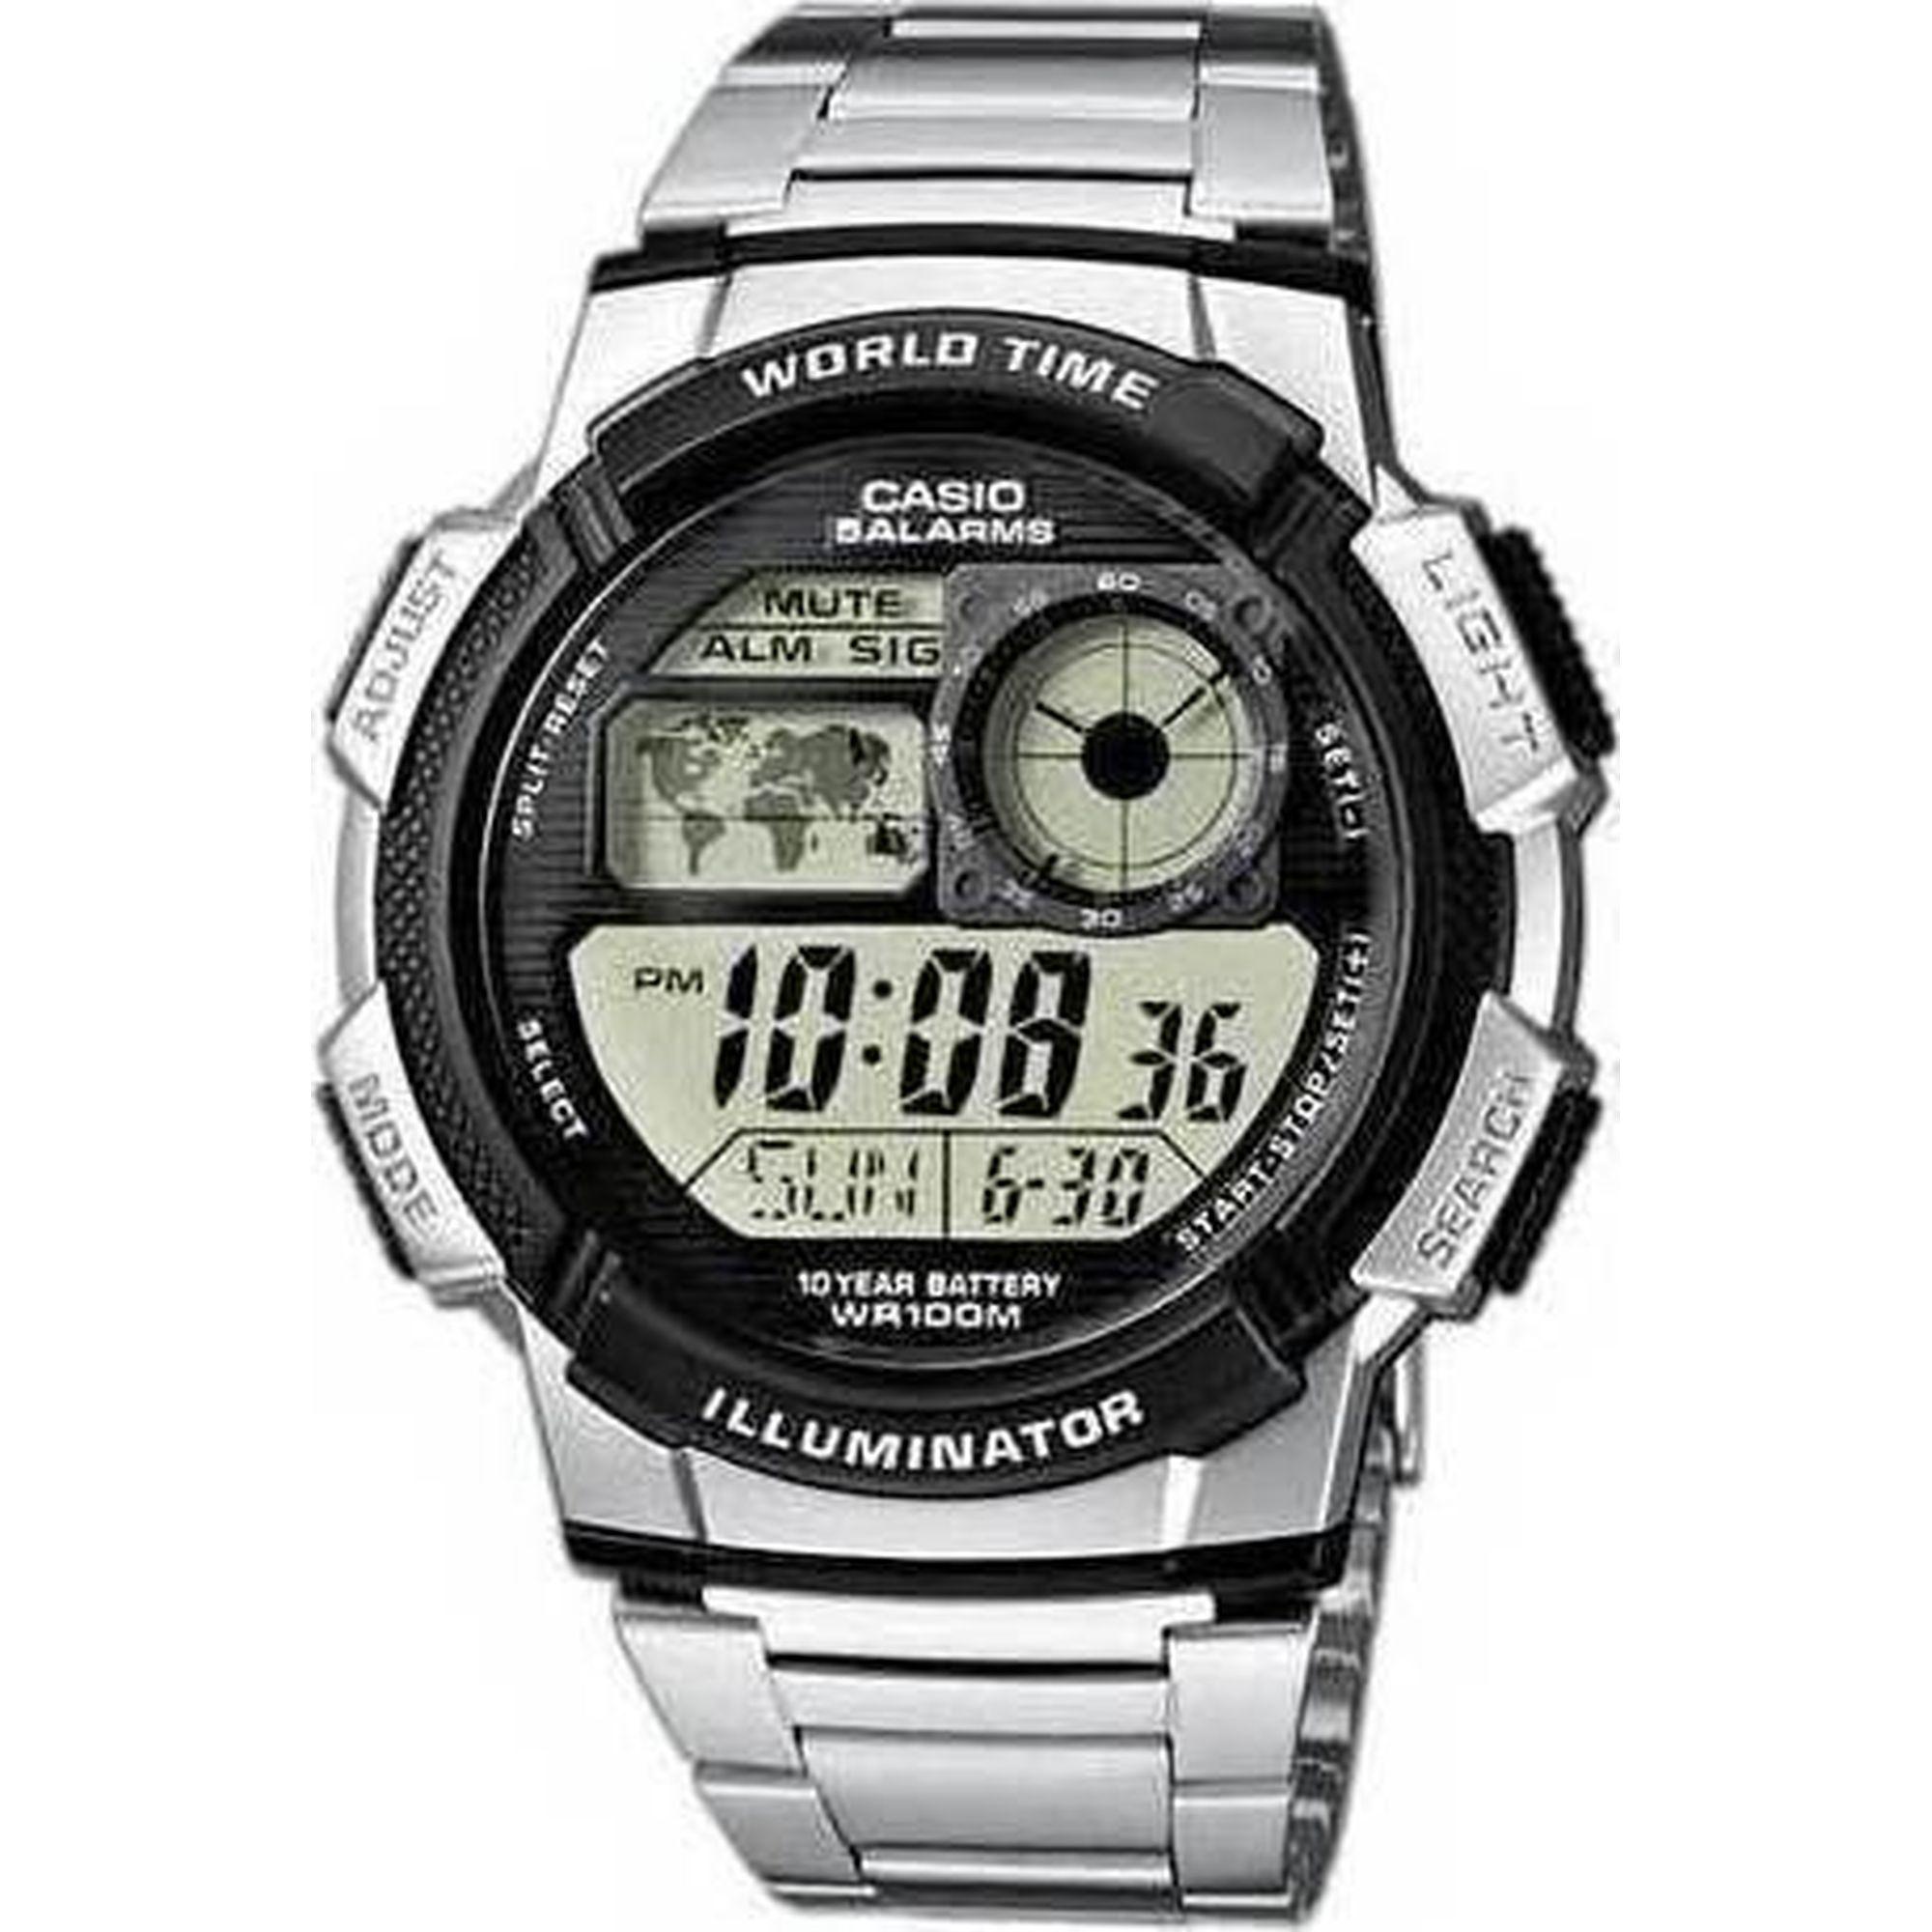 Ρολόι, Casio ρολόι, Αδιάβροχο ρολόι,Casio Ρολόι με Μπρασελέ AE-1000WD-1AVEF